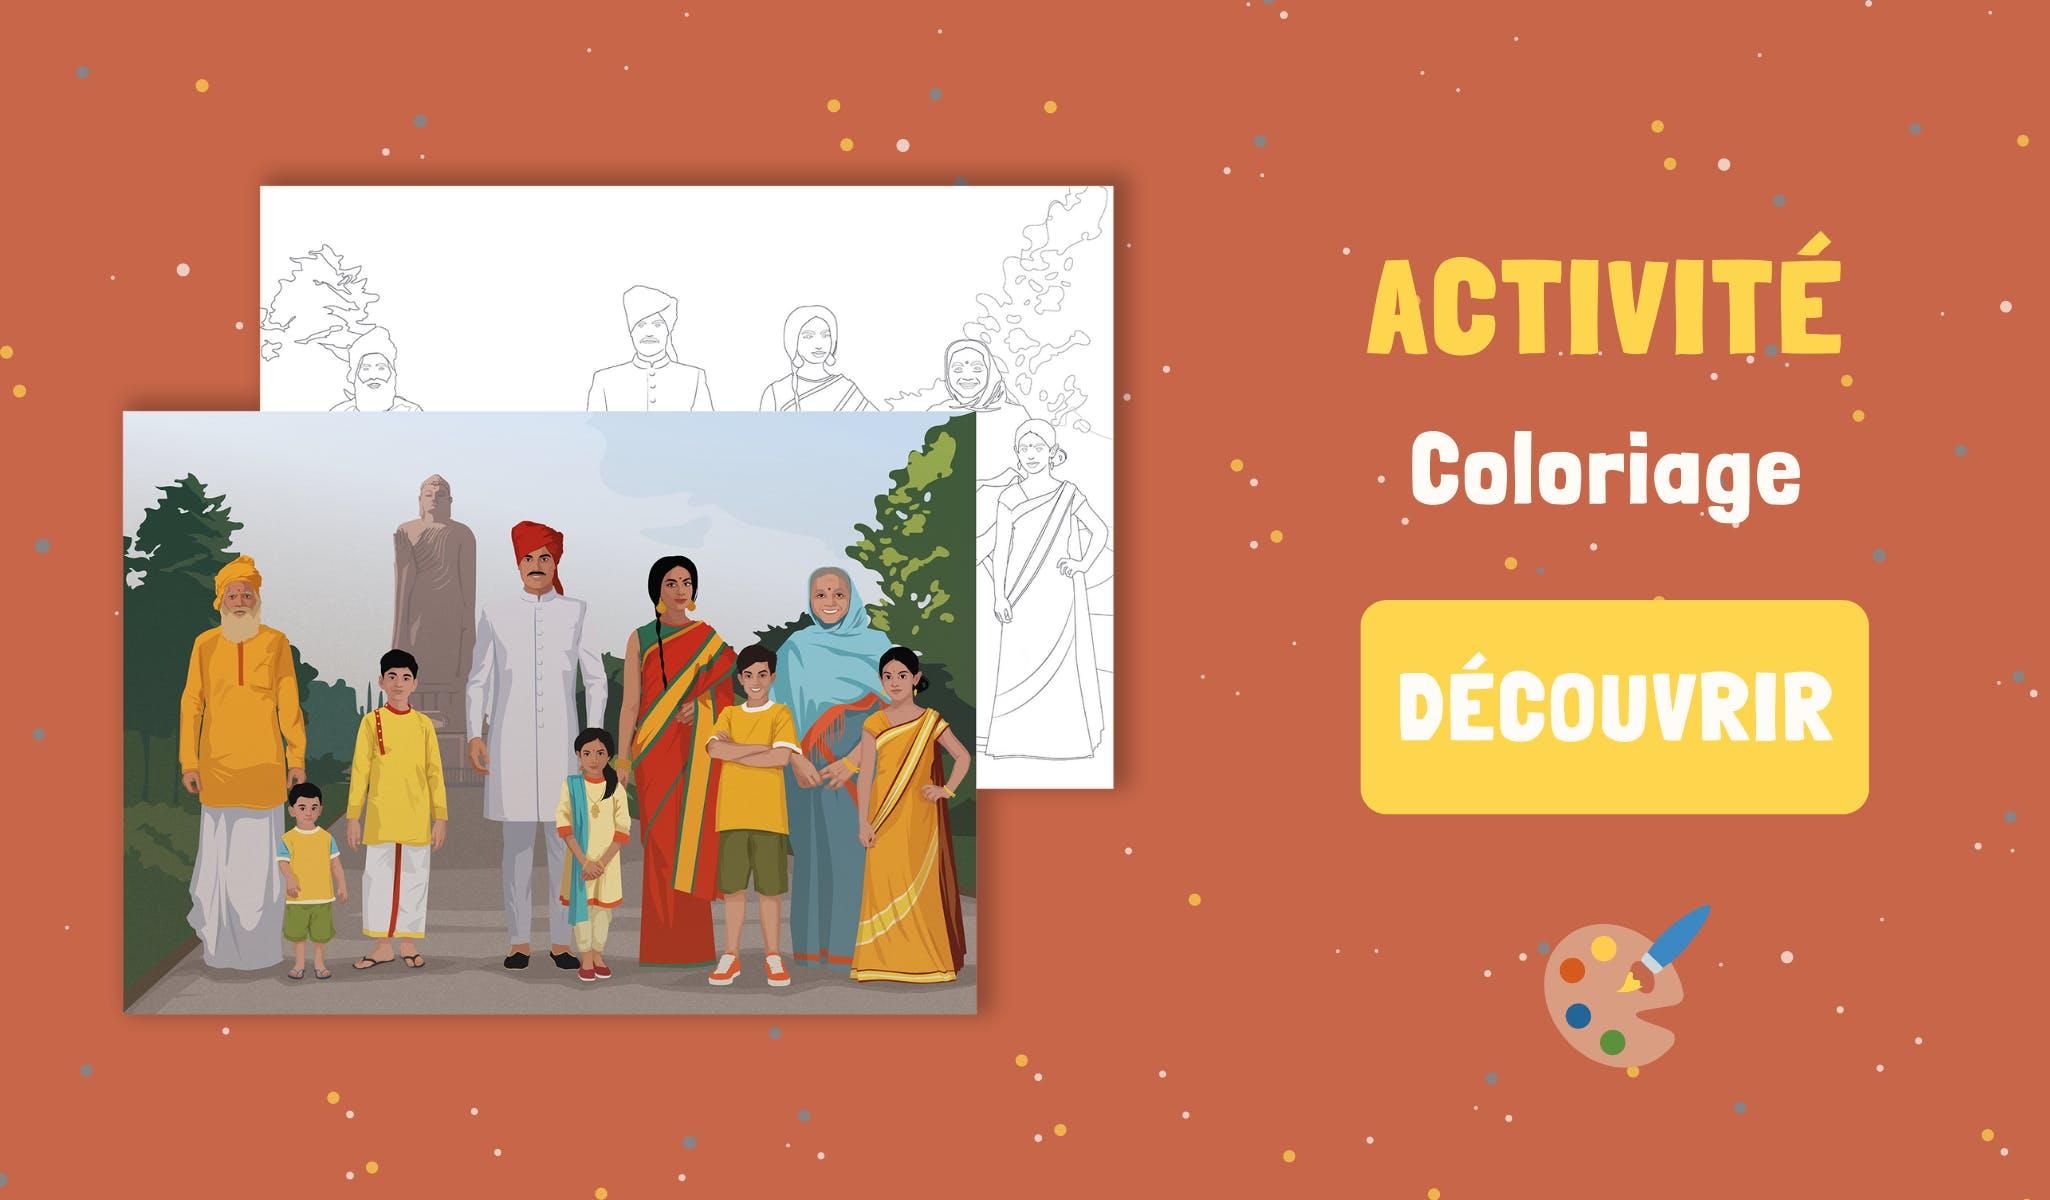 Activité Mysteriokid à télécharger gratuitement : coloriage sur le thème de l'Inde